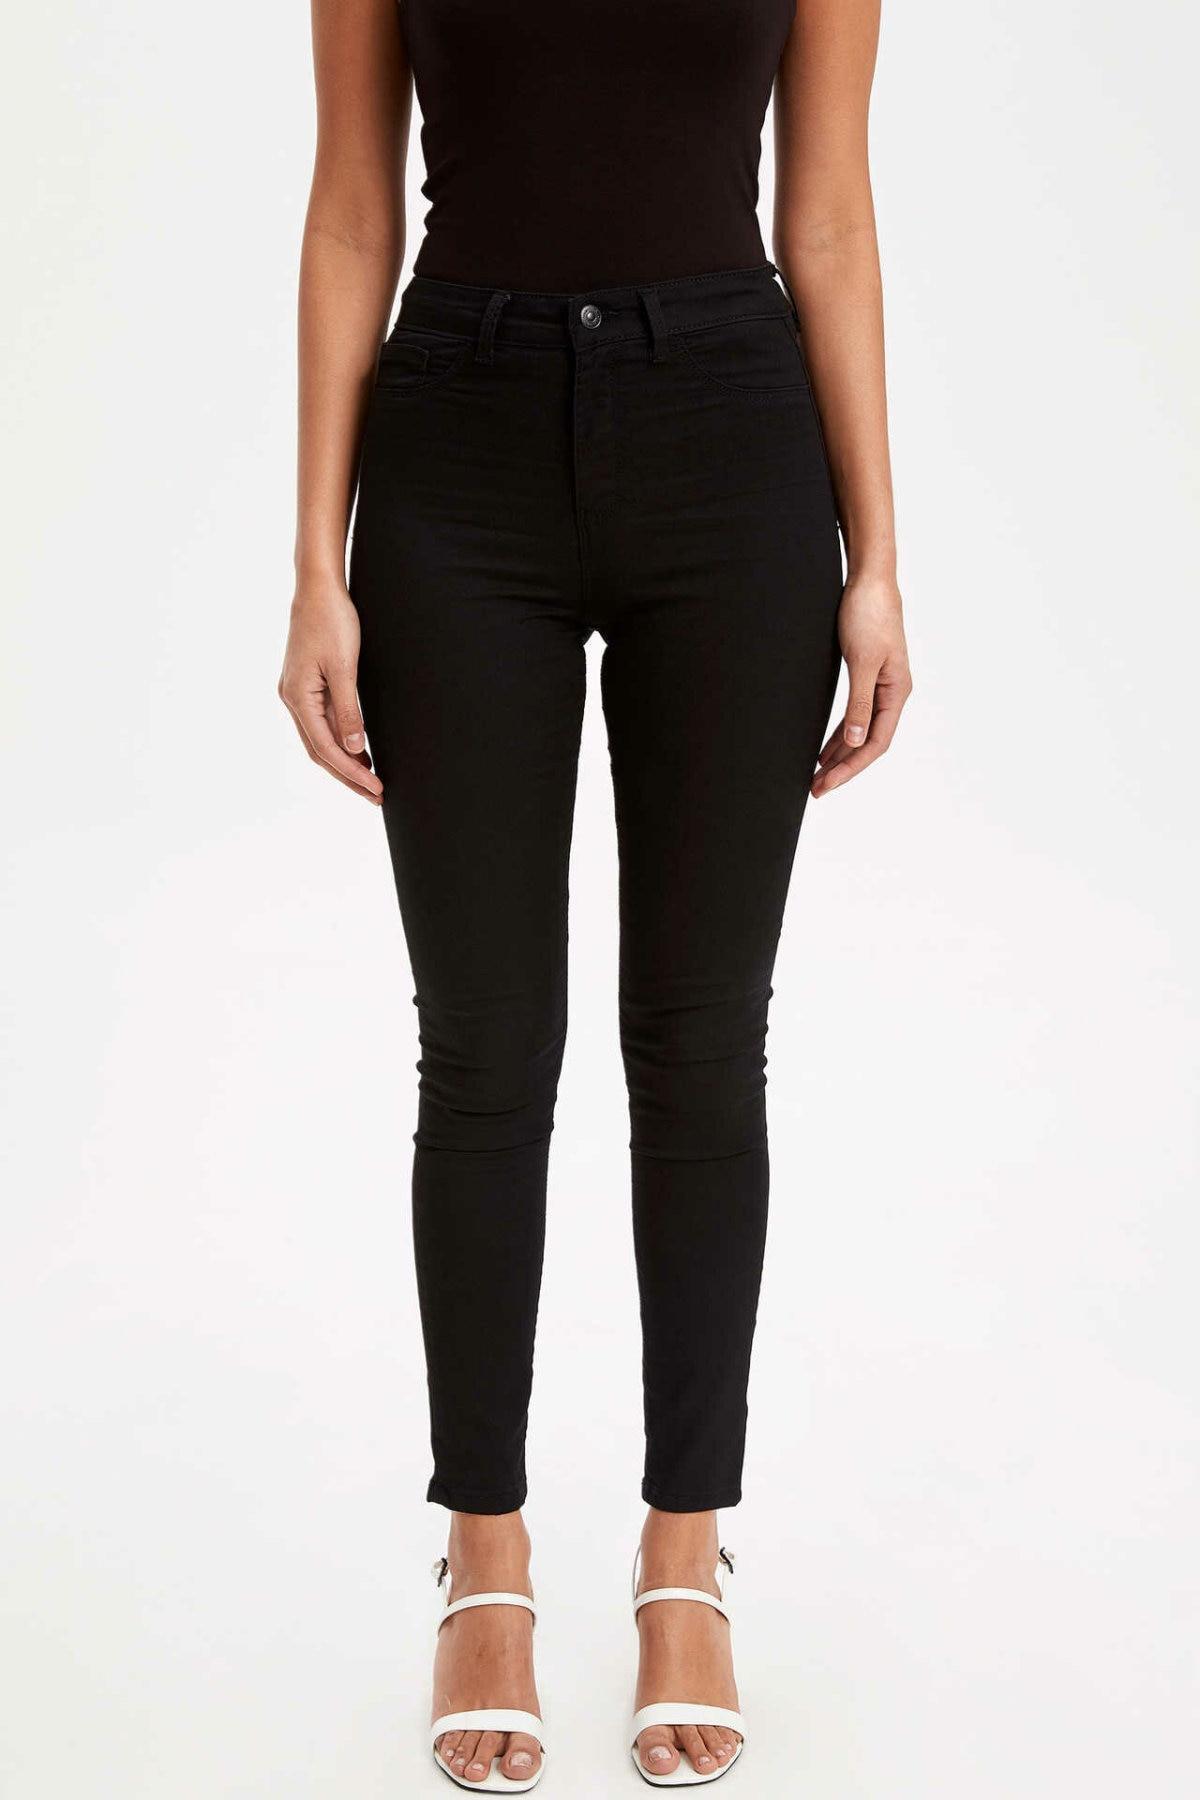 DeFacto Fashion Woman Denim Trousers Female Casual Mid-waist High Elastic Long Jeans Comfort Pencil Pants New Black- L0951AZ19SP